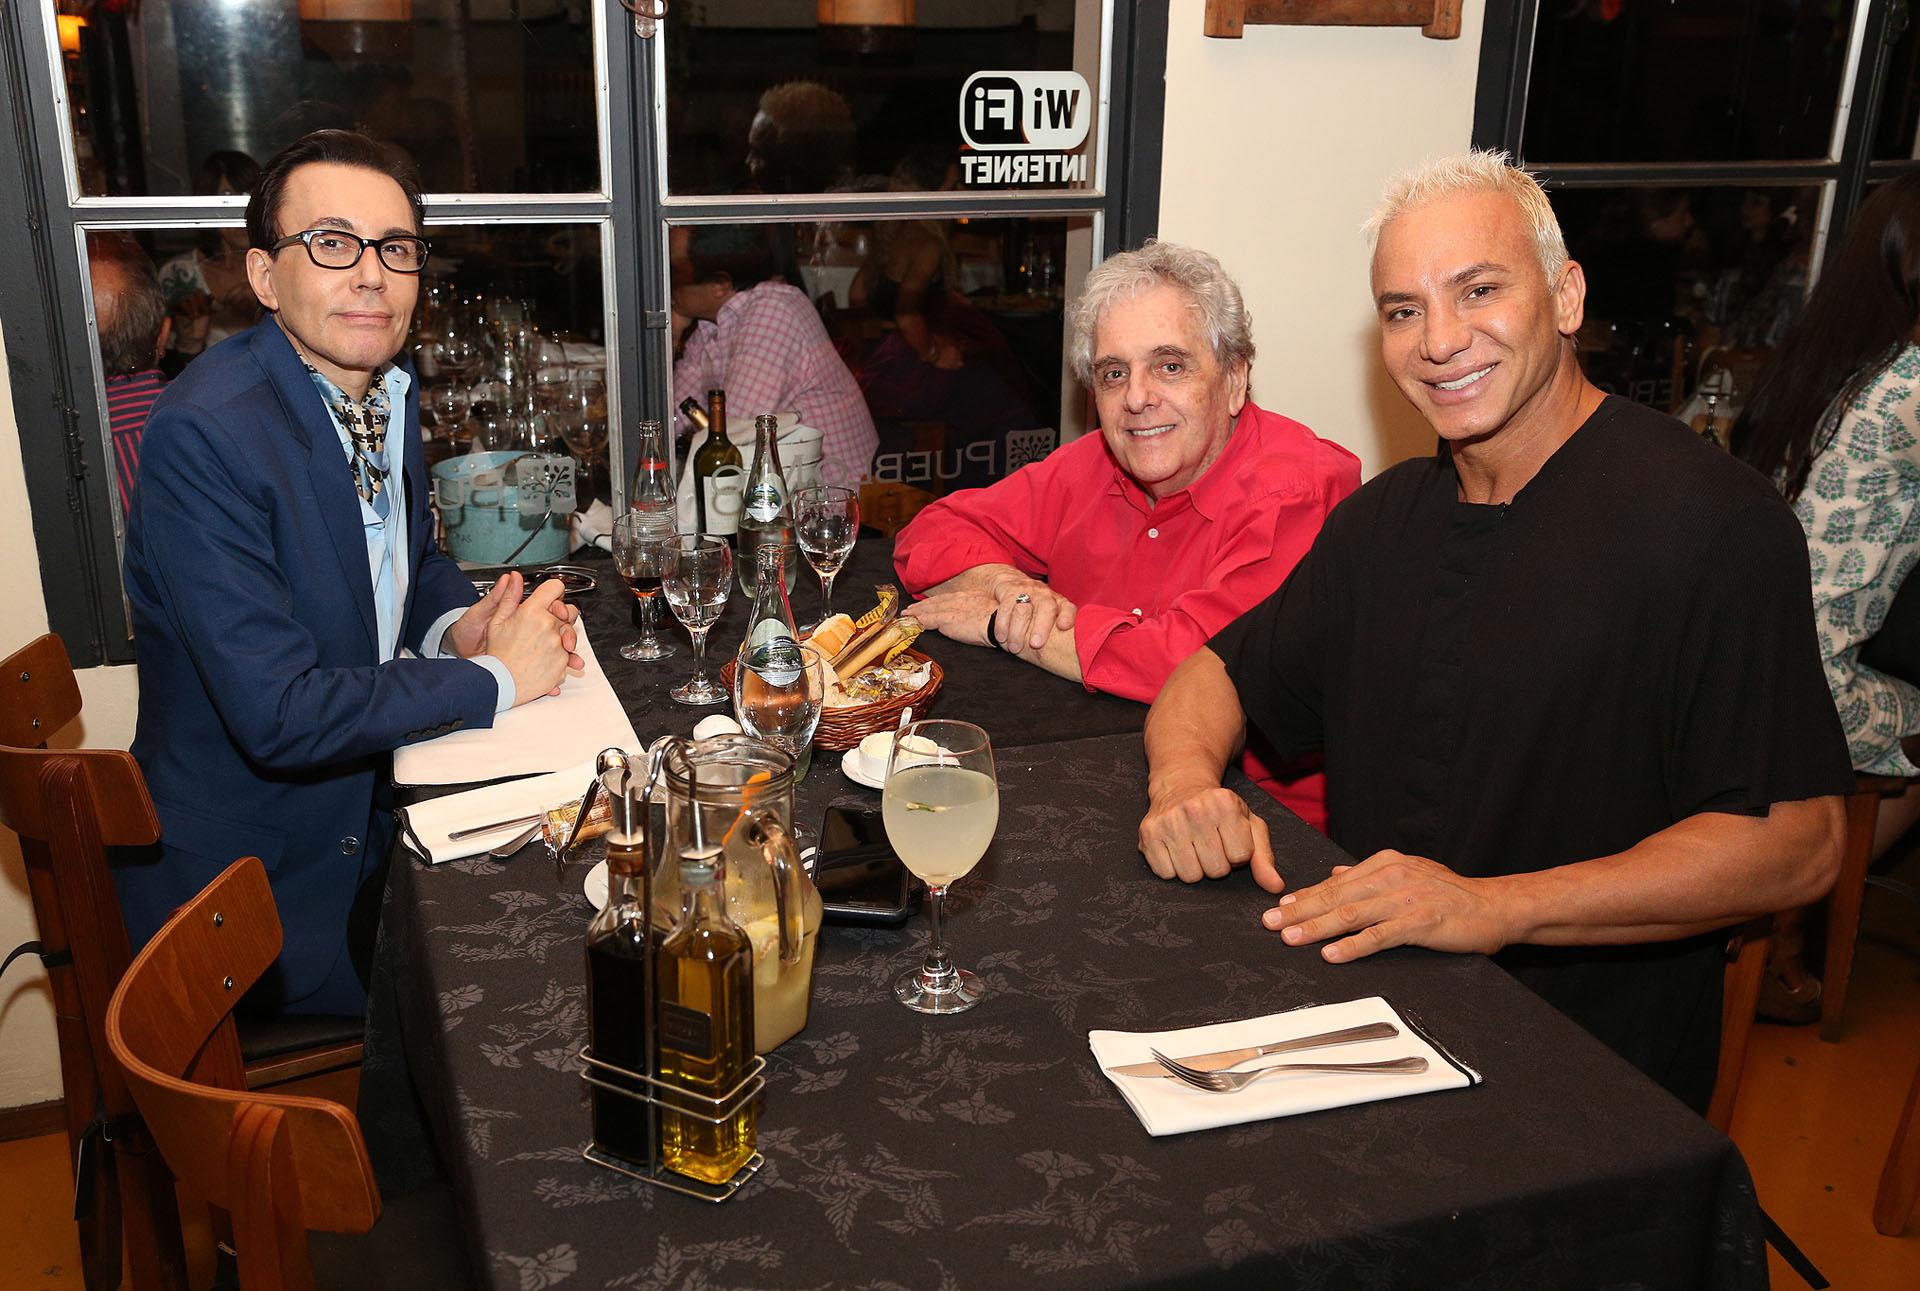 """Marcelo Polino, Antonio Gasalla fueron a ver """"Mahatma"""", de Flavio Mendoza, en Carlos Paz. Luego, compartieron una cena (Mario Sar / Teleshow)"""